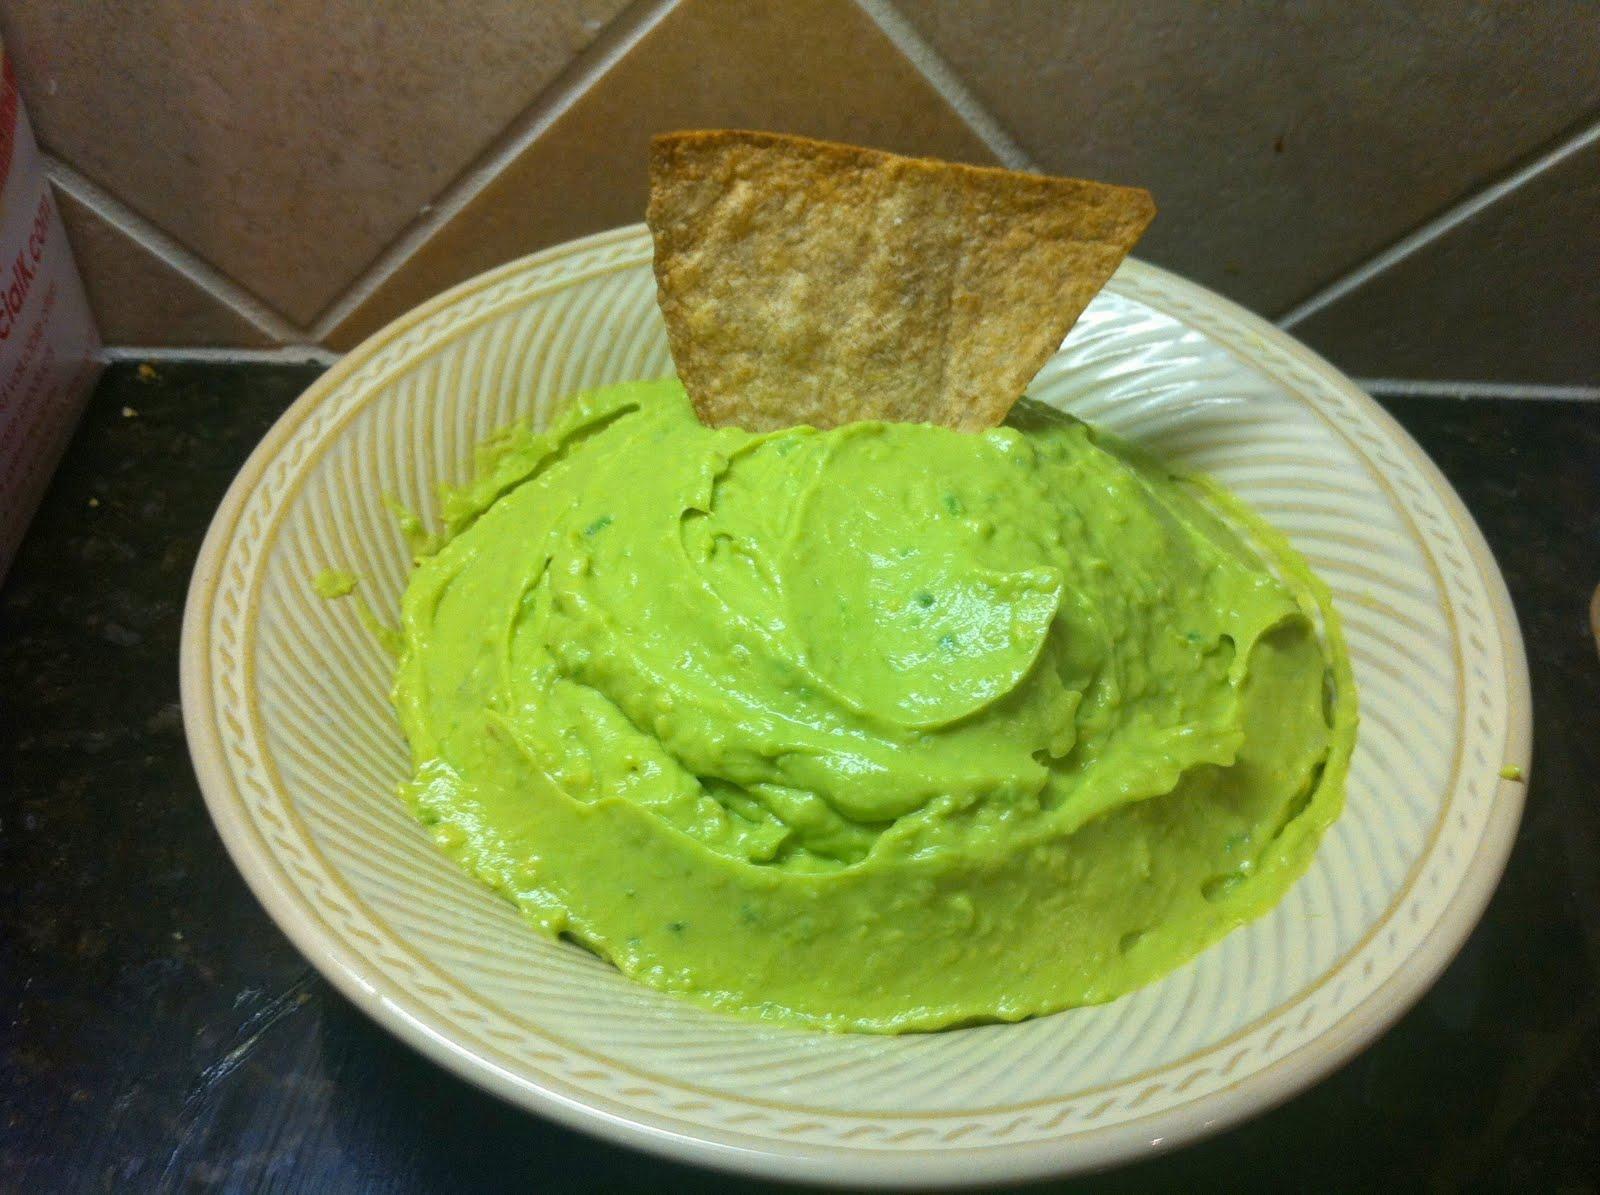 Reckless Abandon: Creamy Avocado Dip